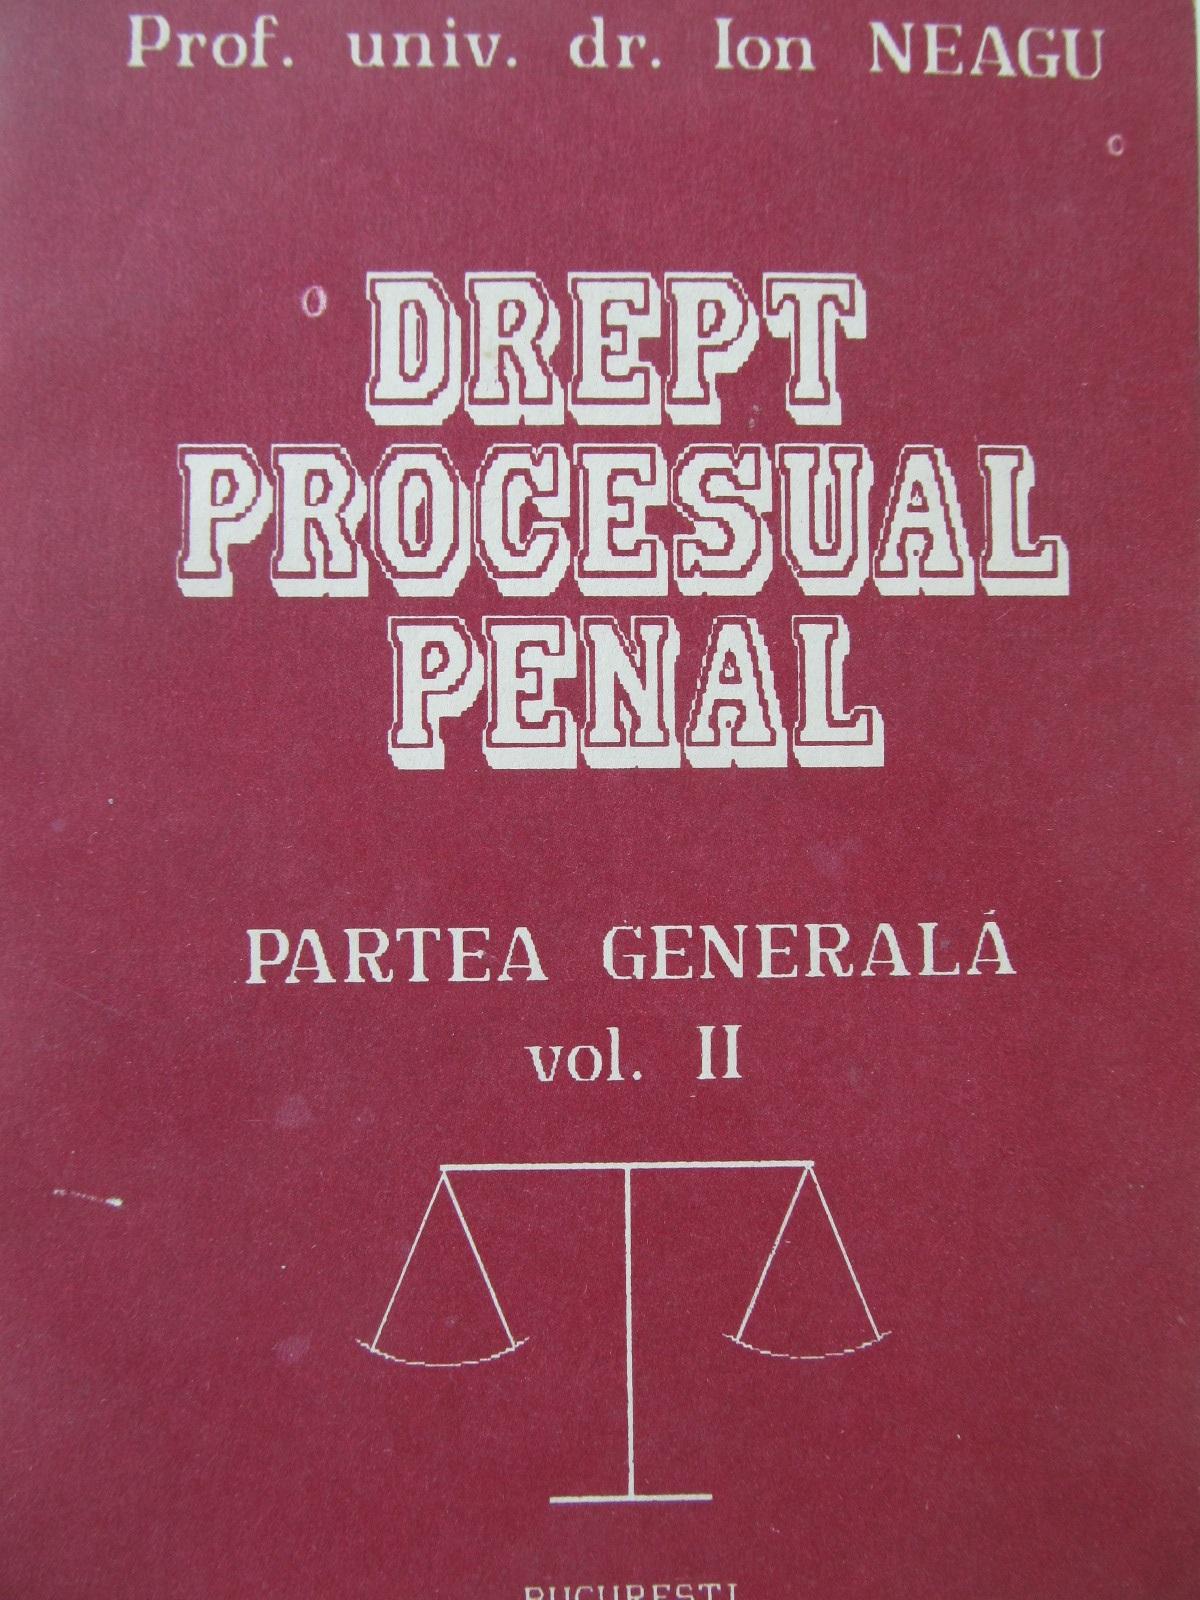 Drept procesual penal - Partea generala (vol. II) - Ion Neagu   Detalii carte